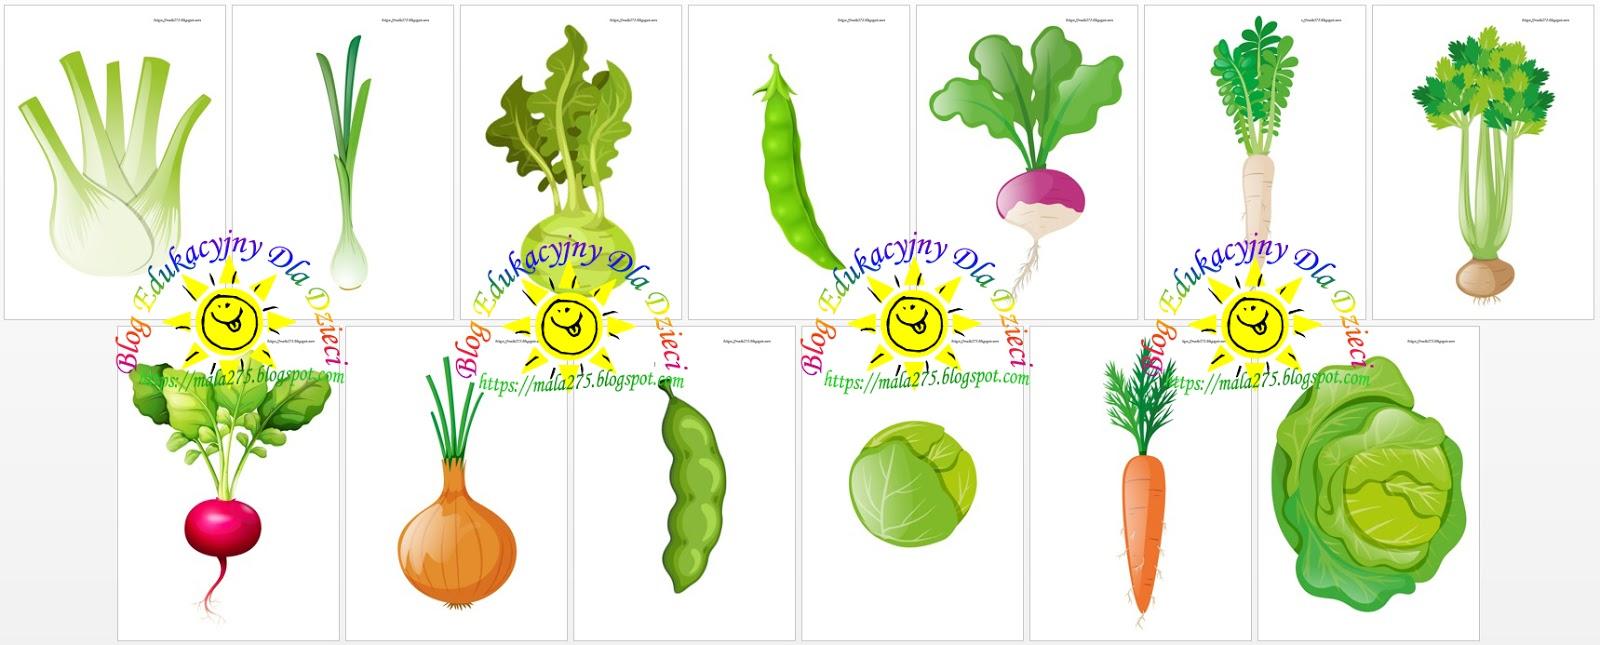 Blog Edukacyjny Dla Dzieci Zestaw Ilustracji Do Wiersza